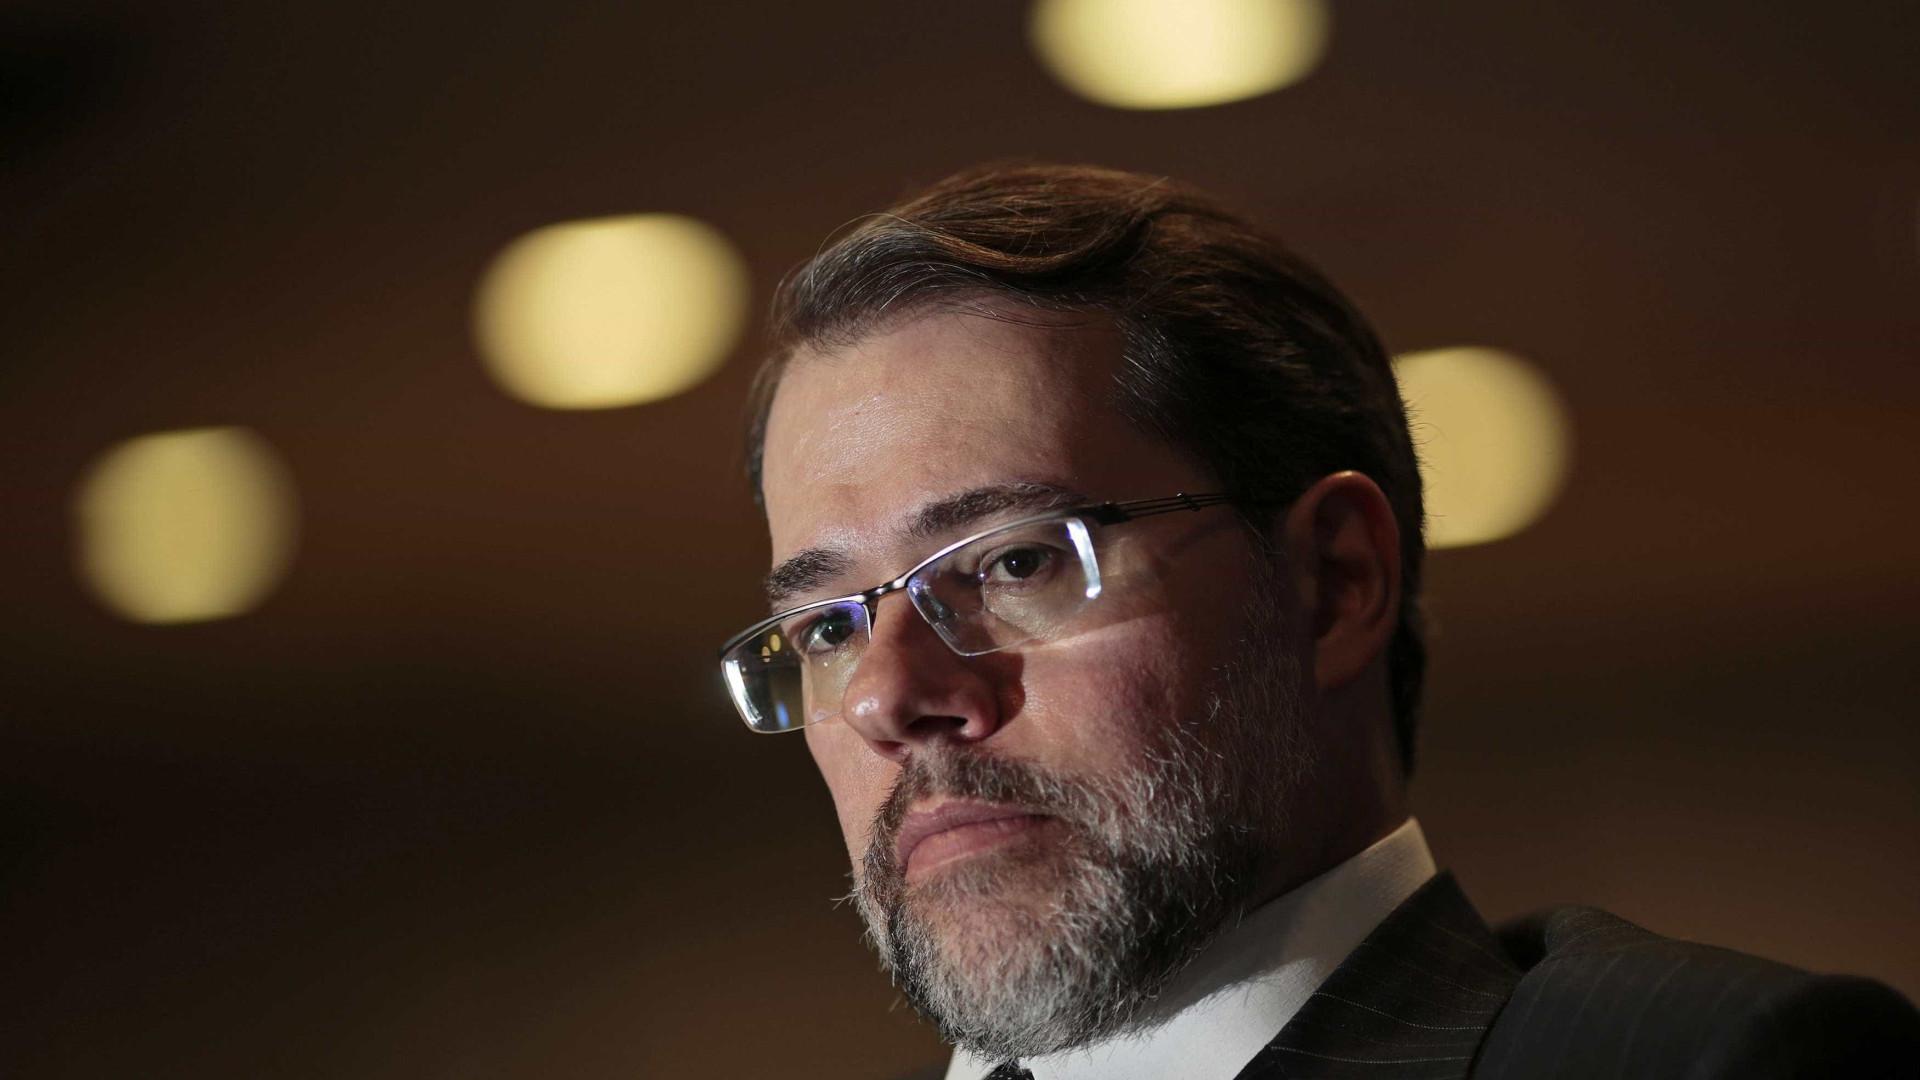 O Judiciário não deve gerir todos os problemas da nação, diz Toffoli